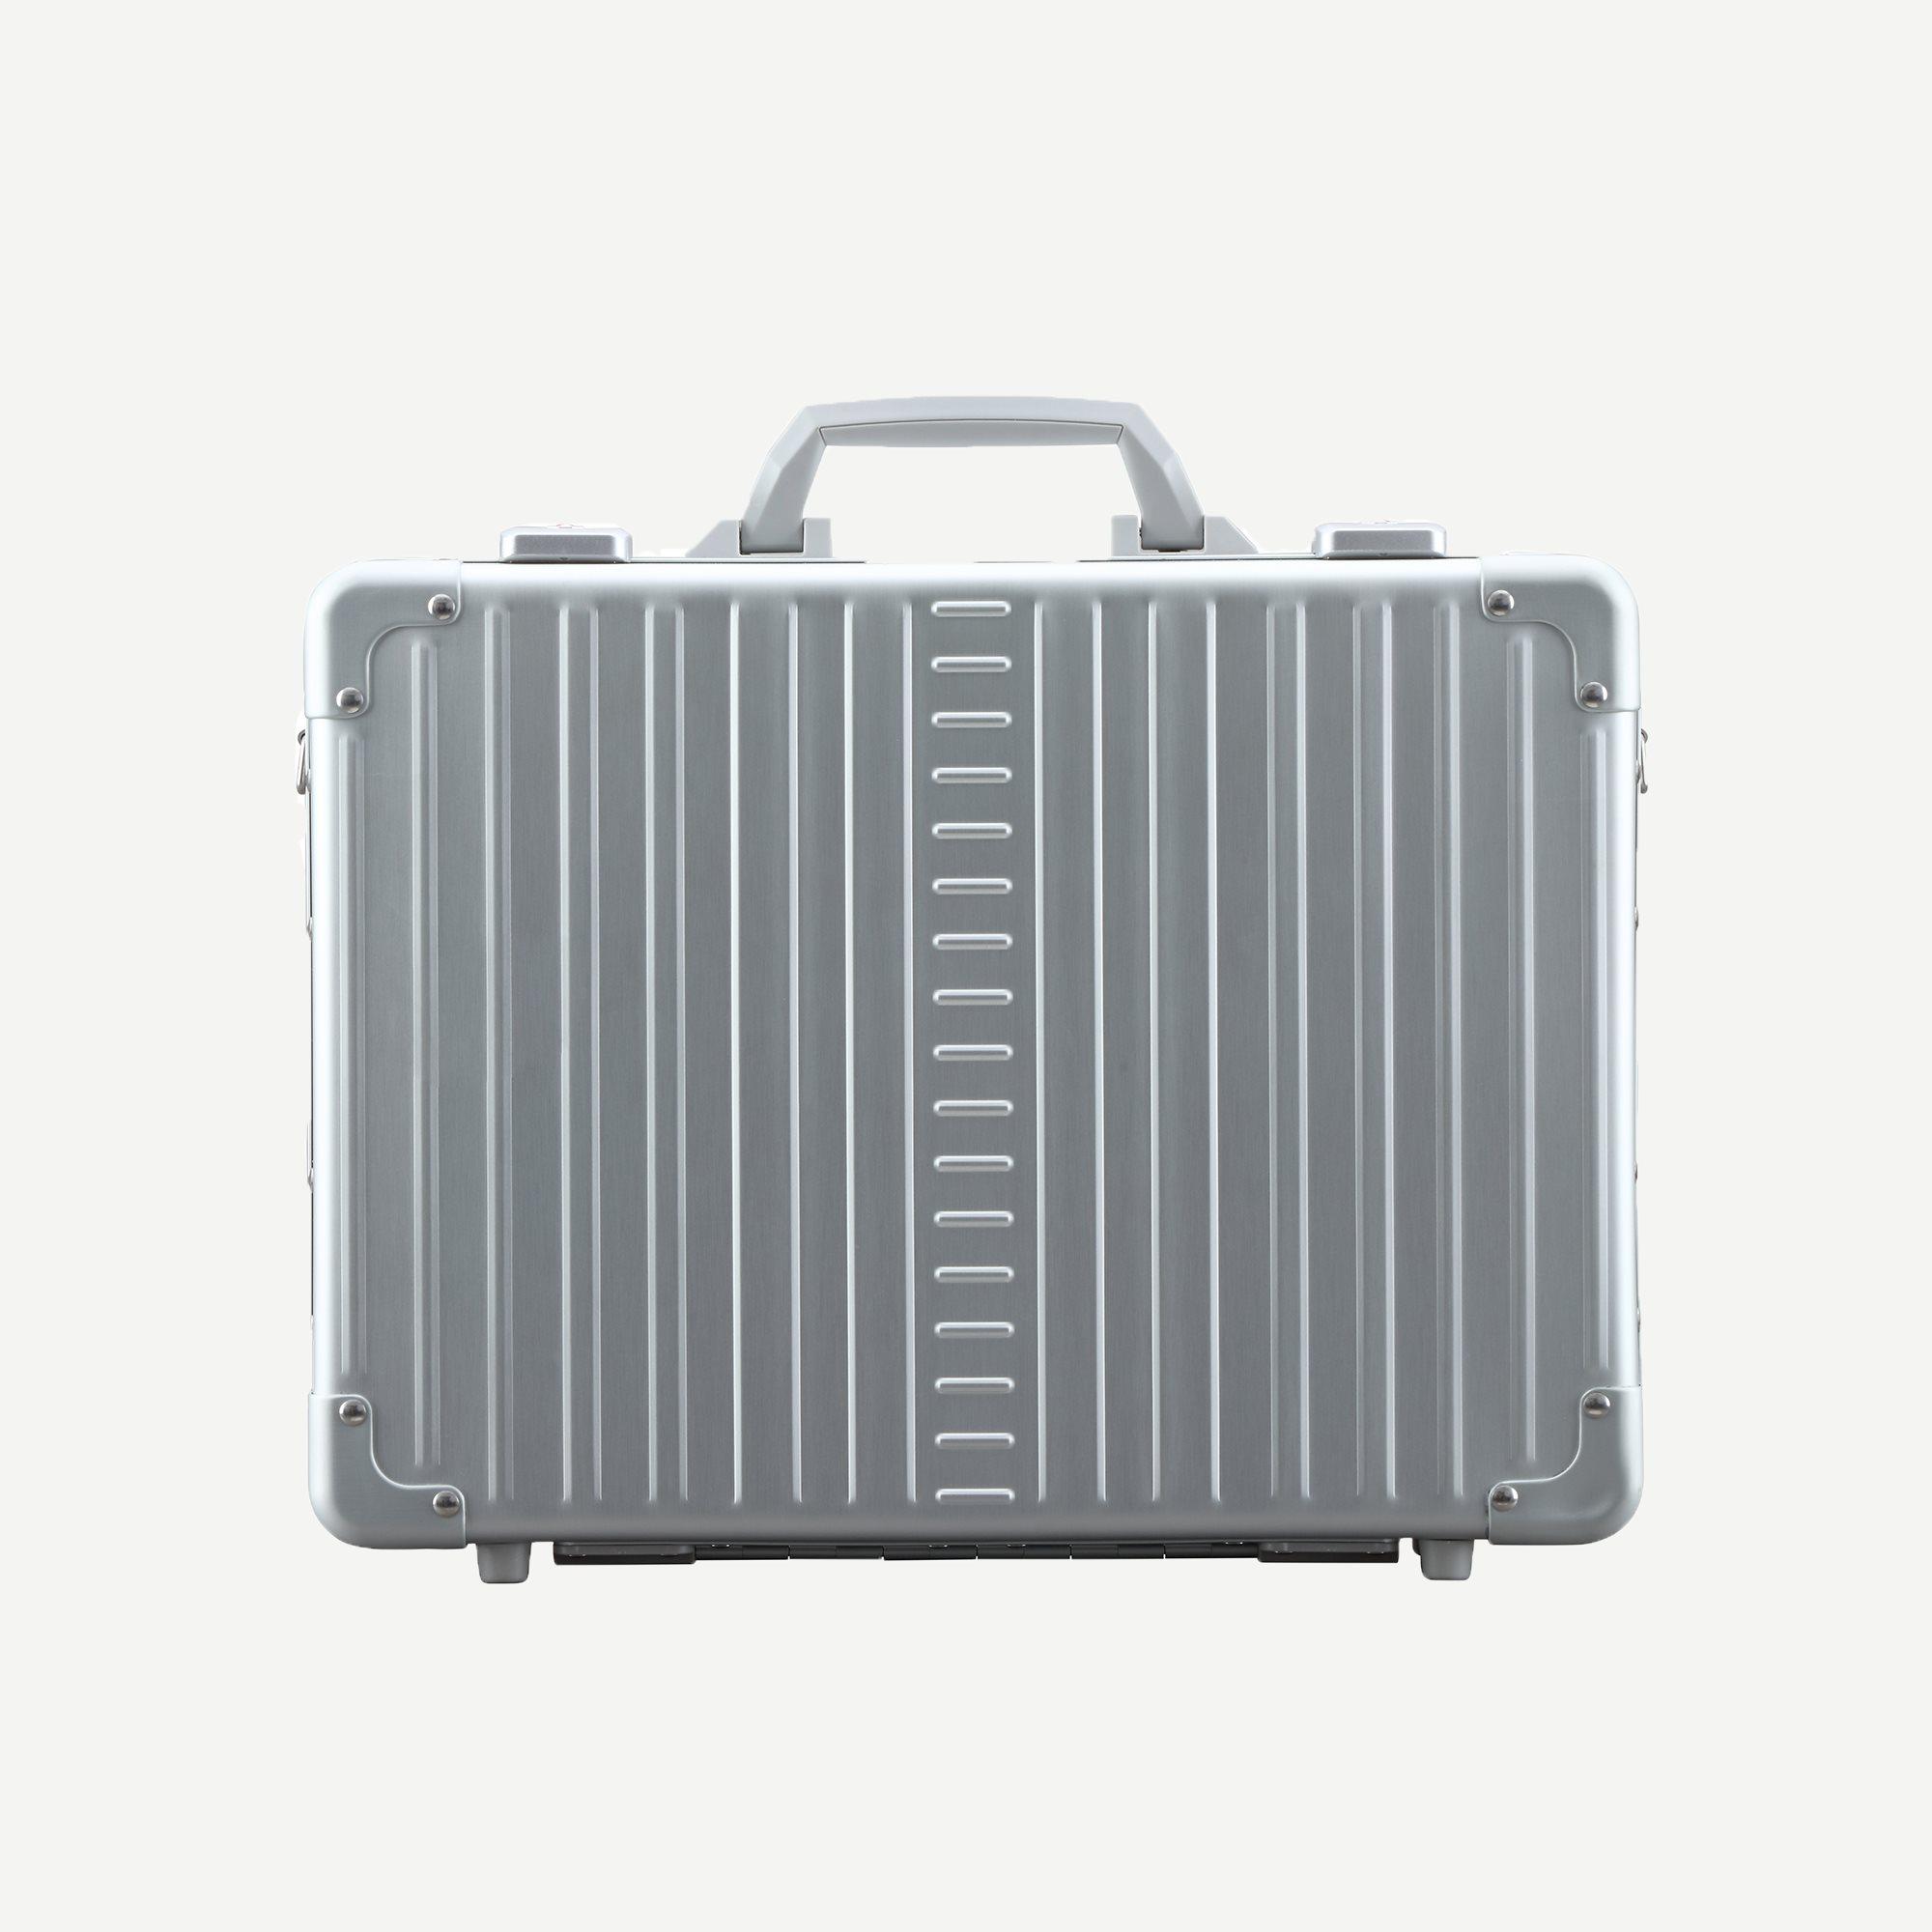 Taschen - Silber